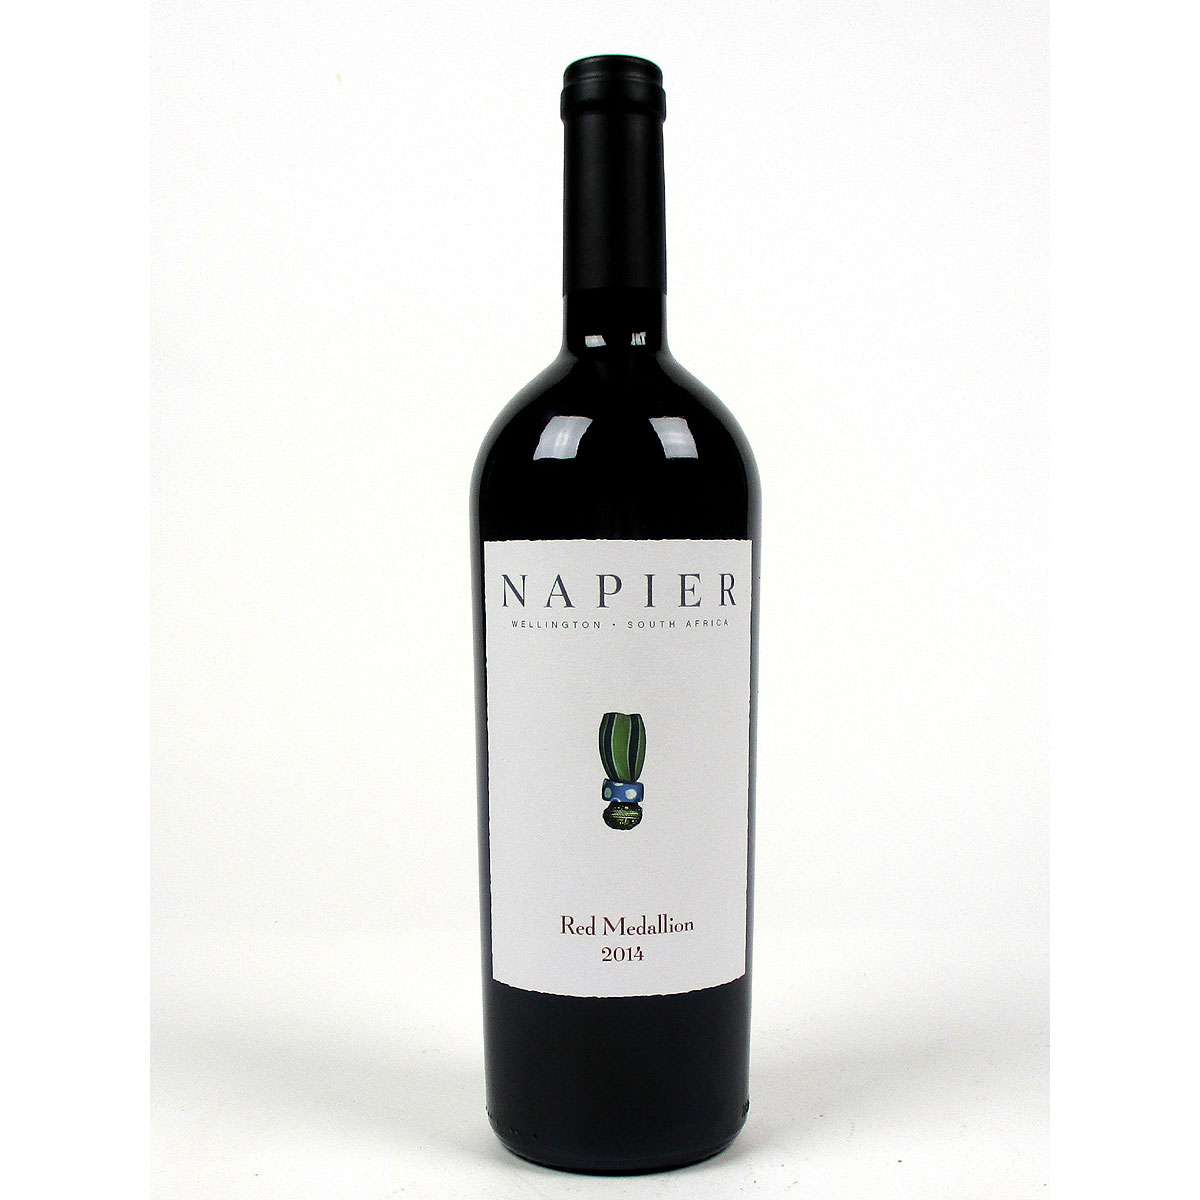 Napier Winery: 'Red Medallion' 2014 - Bottle